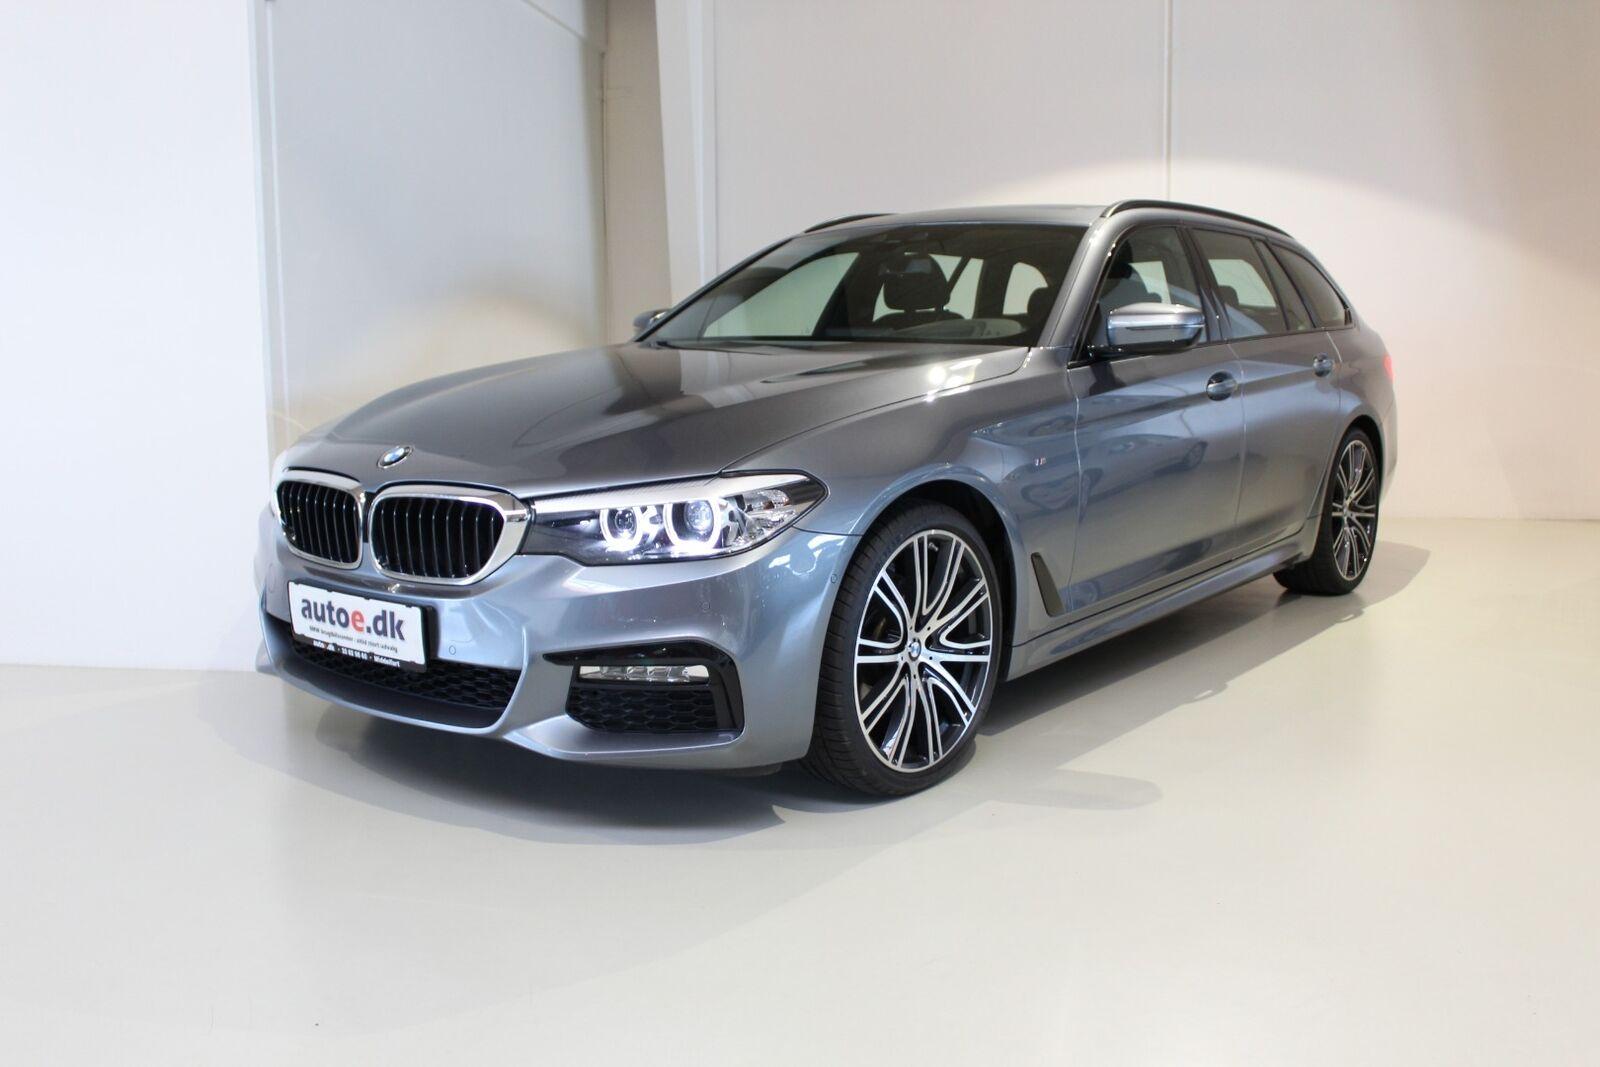 BMW 520d 2,0 Touring M-Sport xDrive aut. 5d - 449.800 kr.